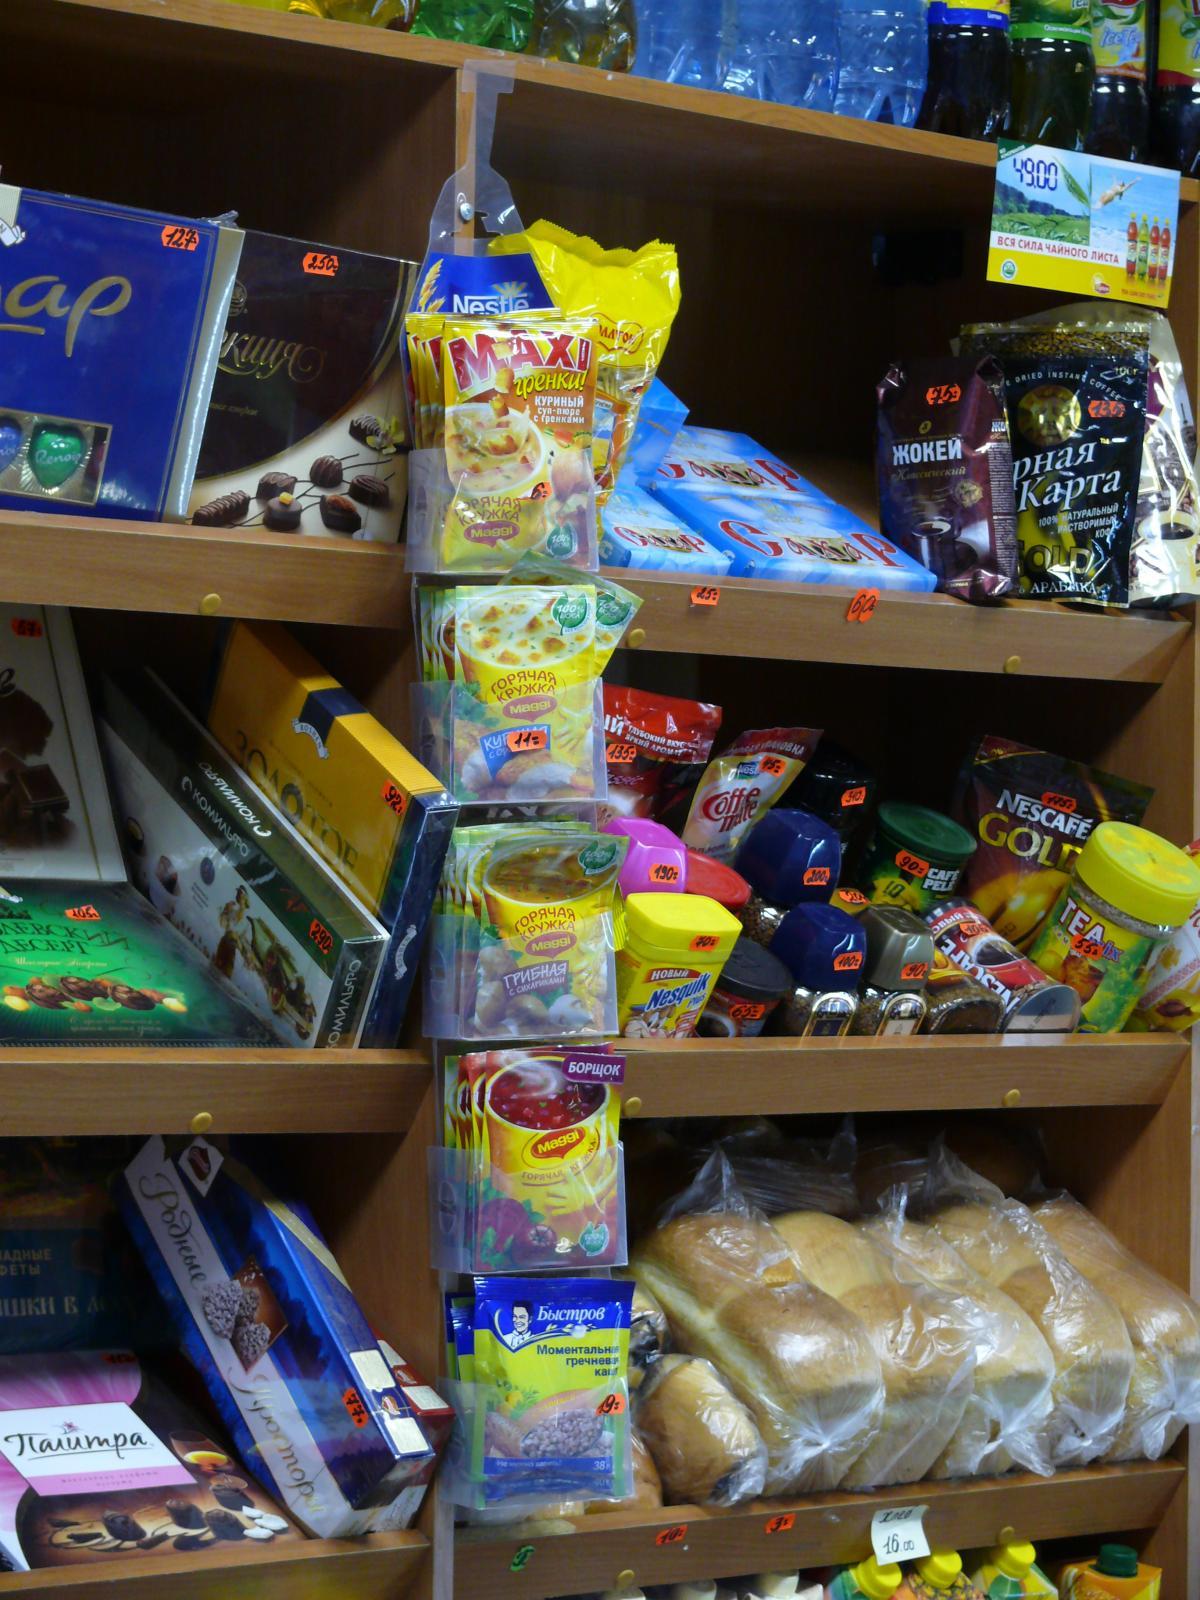 схема расположения товаров в продуктовом магазине